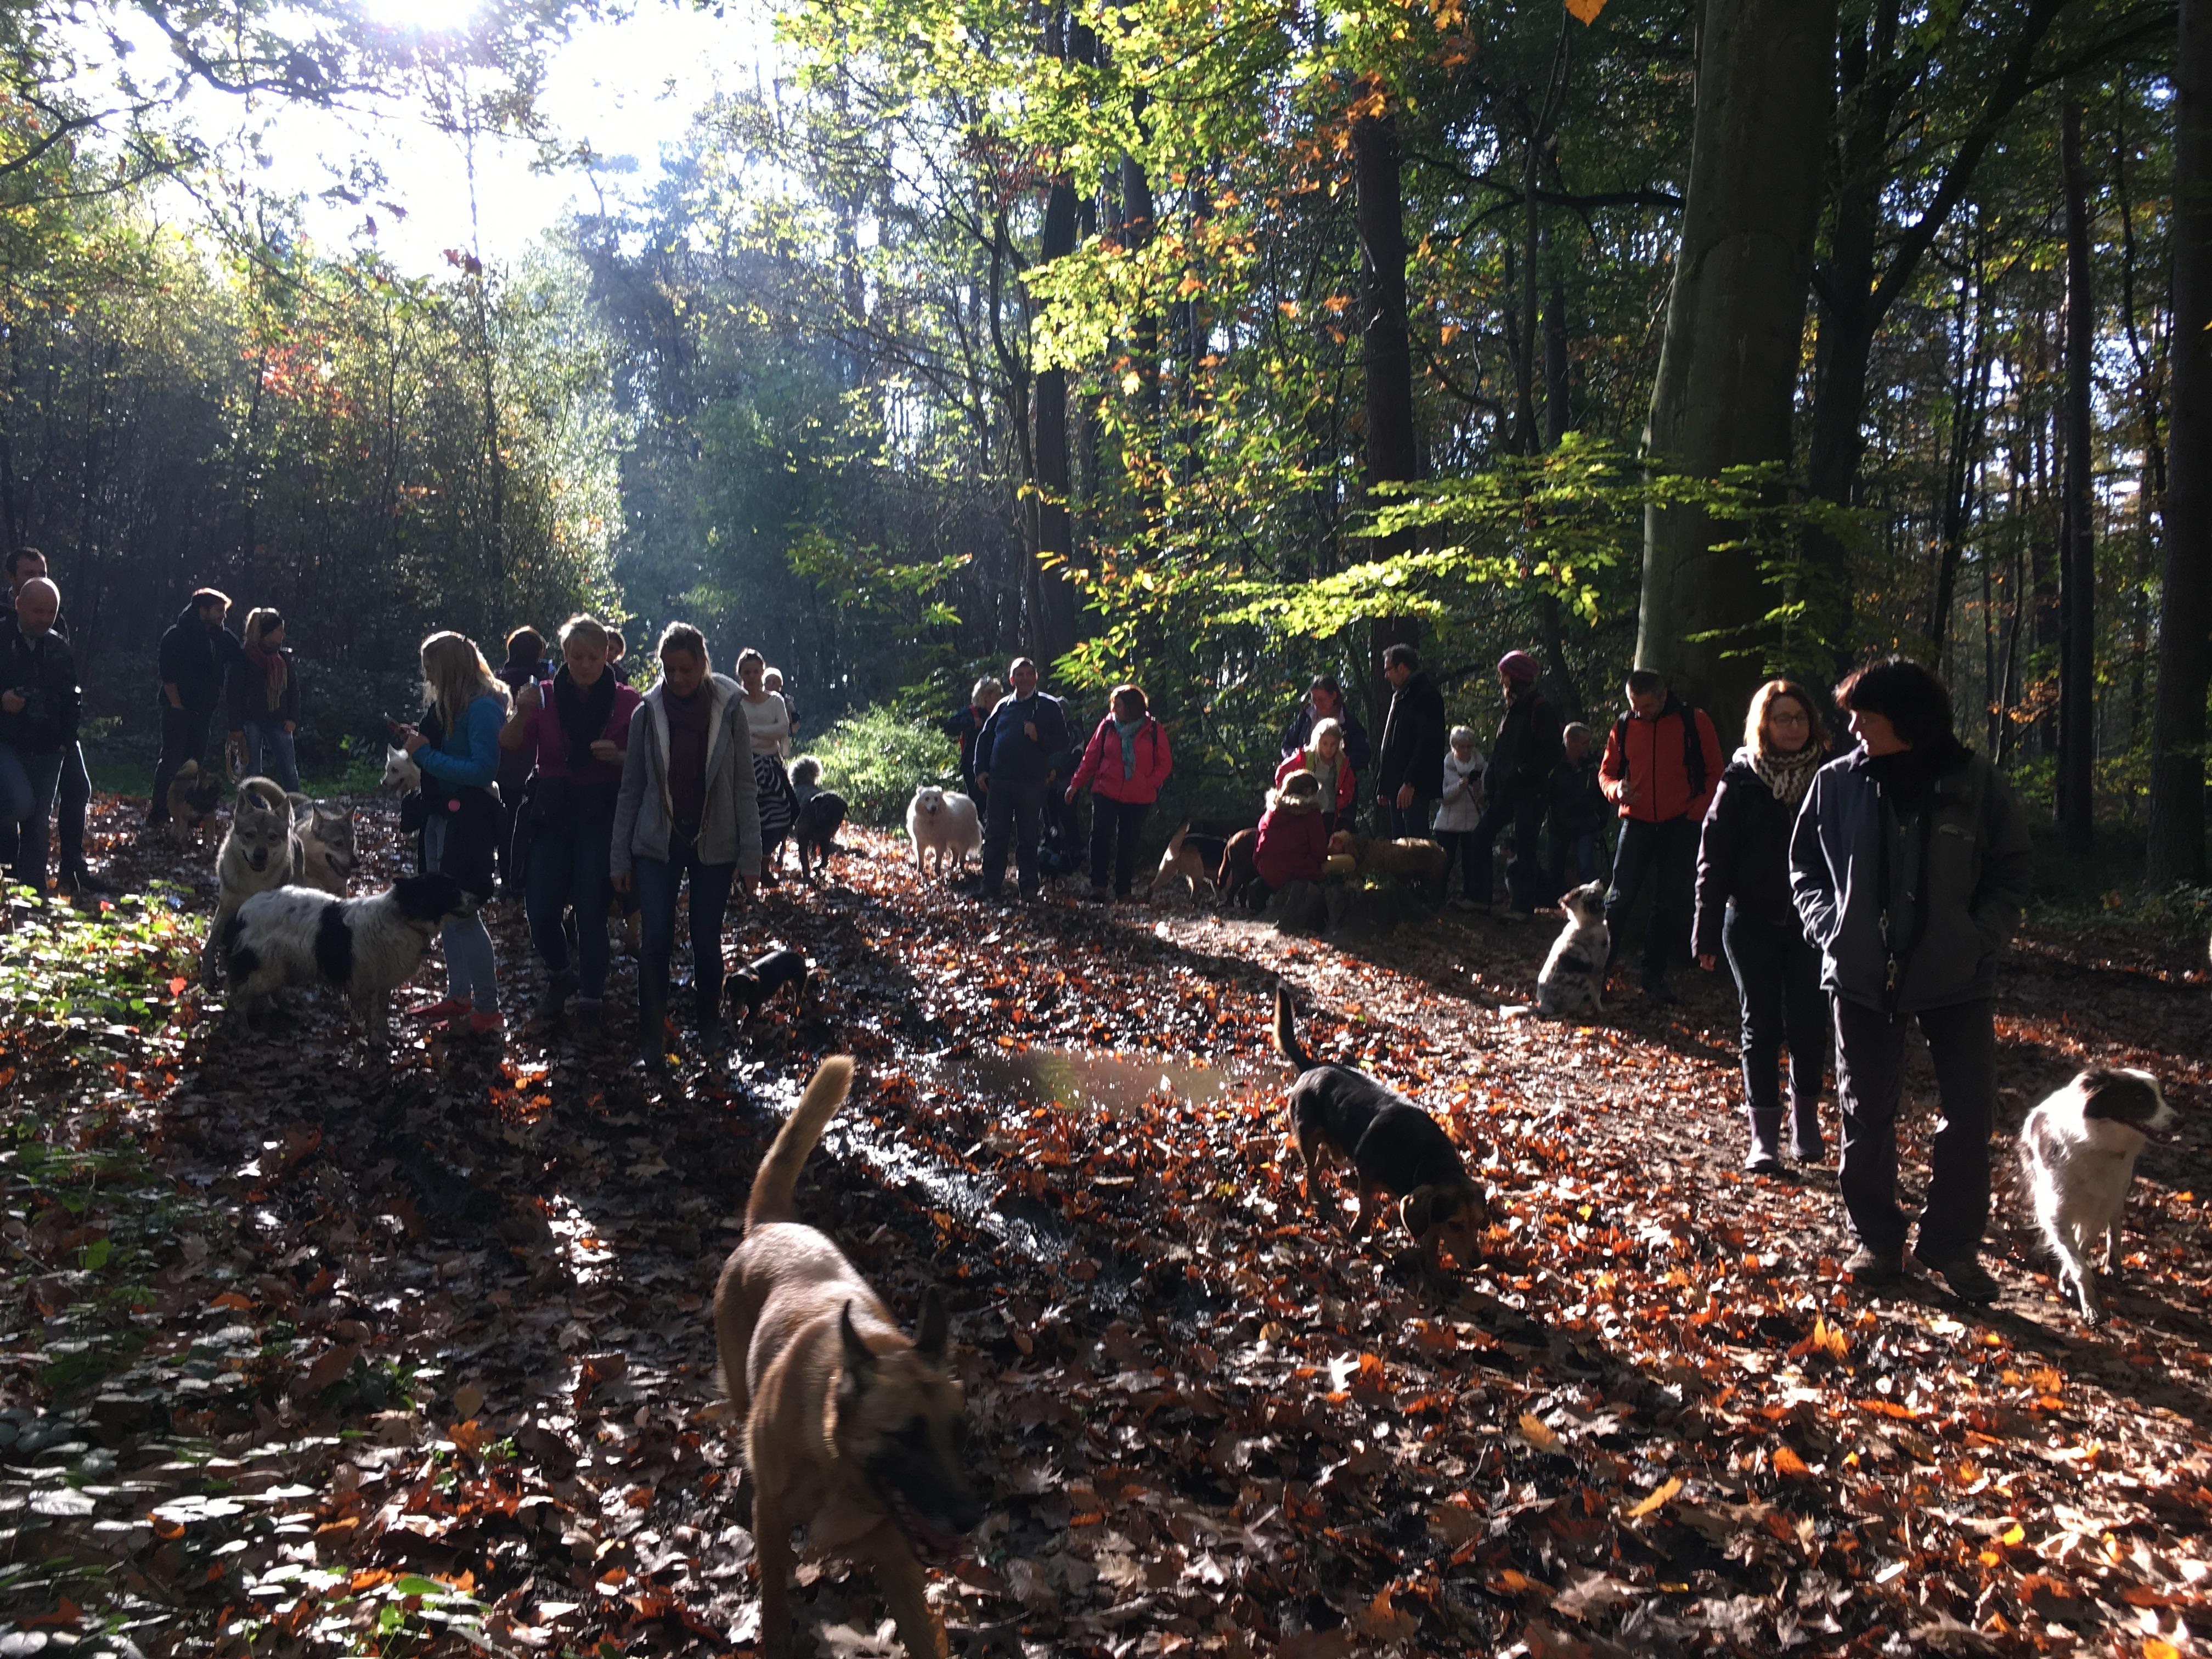 Grande balade canine en forêt